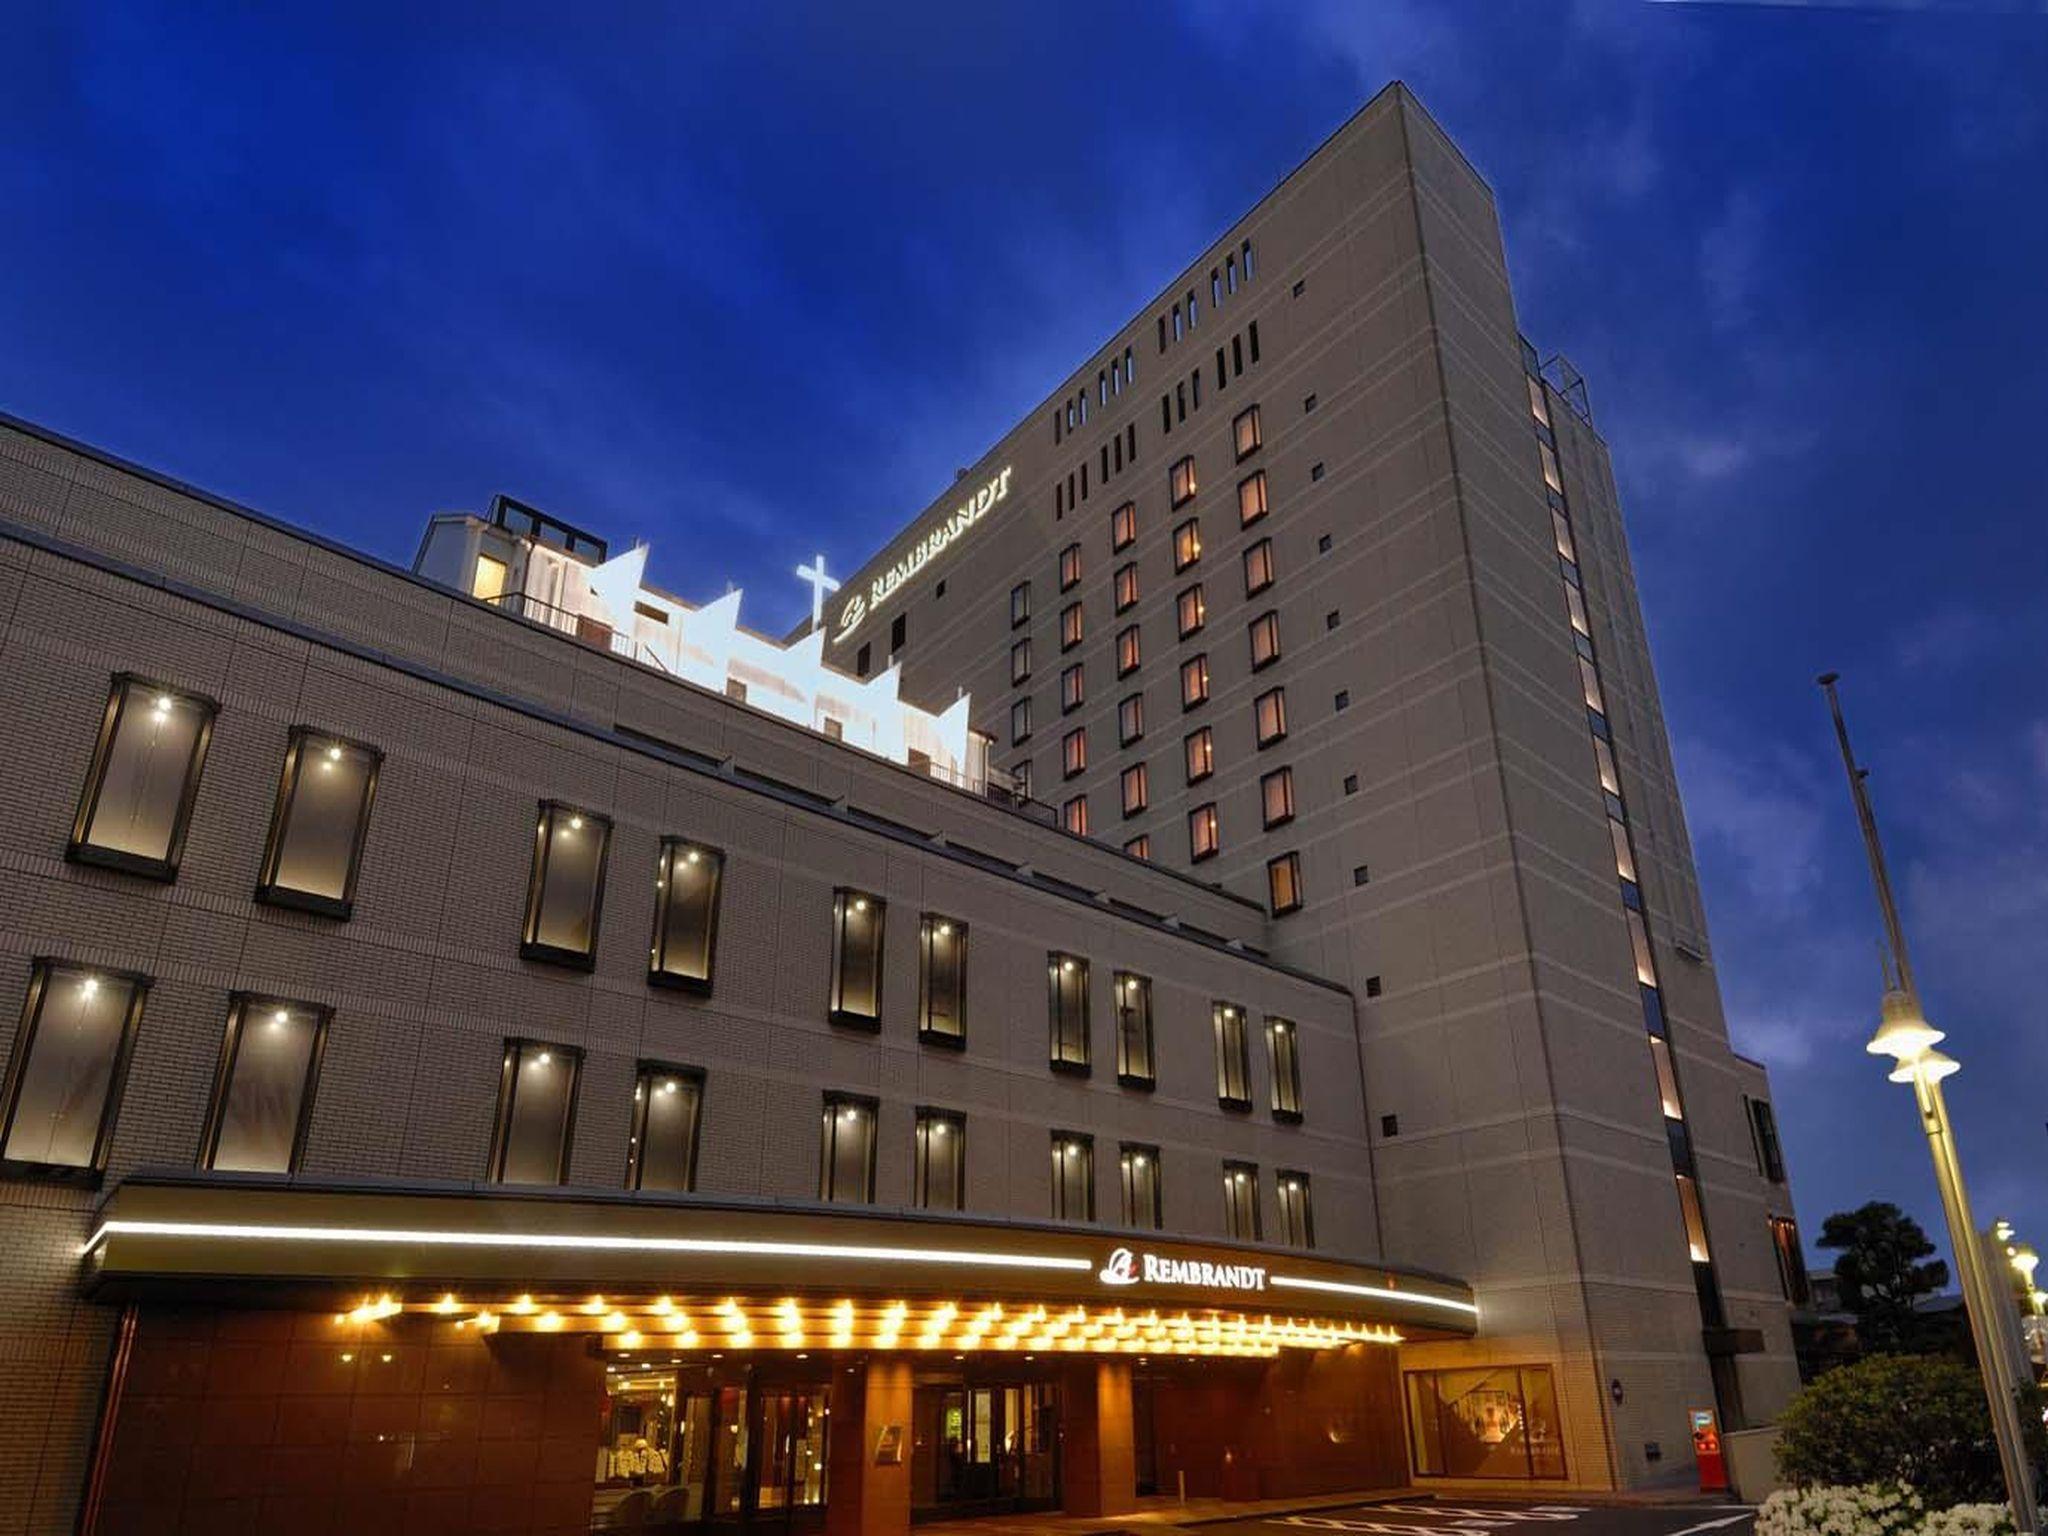 厚木倫勃朗酒店 Rembrandt Hotel Atsugi